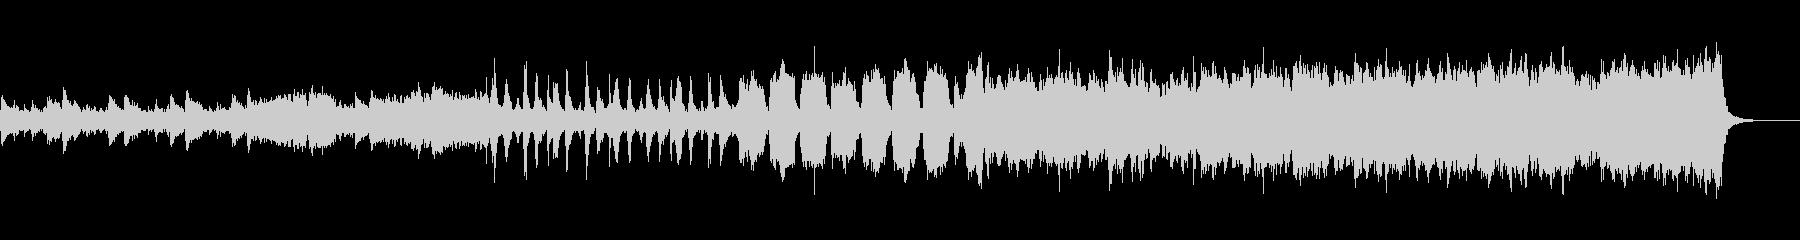 SFアクション風オーケストラの未再生の波形